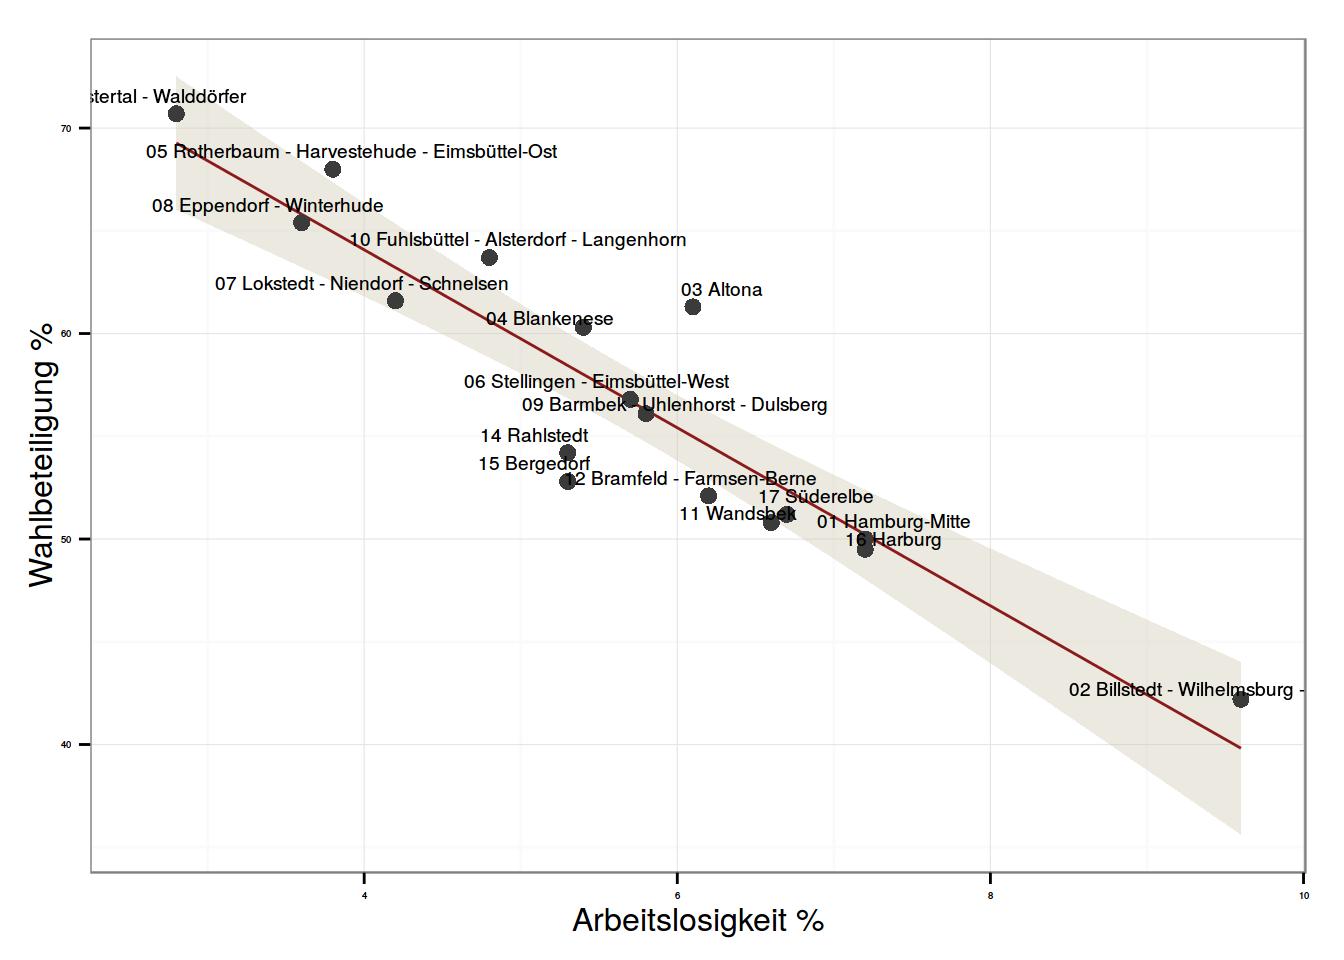 Wahlbteiligung (auf der Y-Achse) und Arbeitslosigkeit (auf der X-Achse)